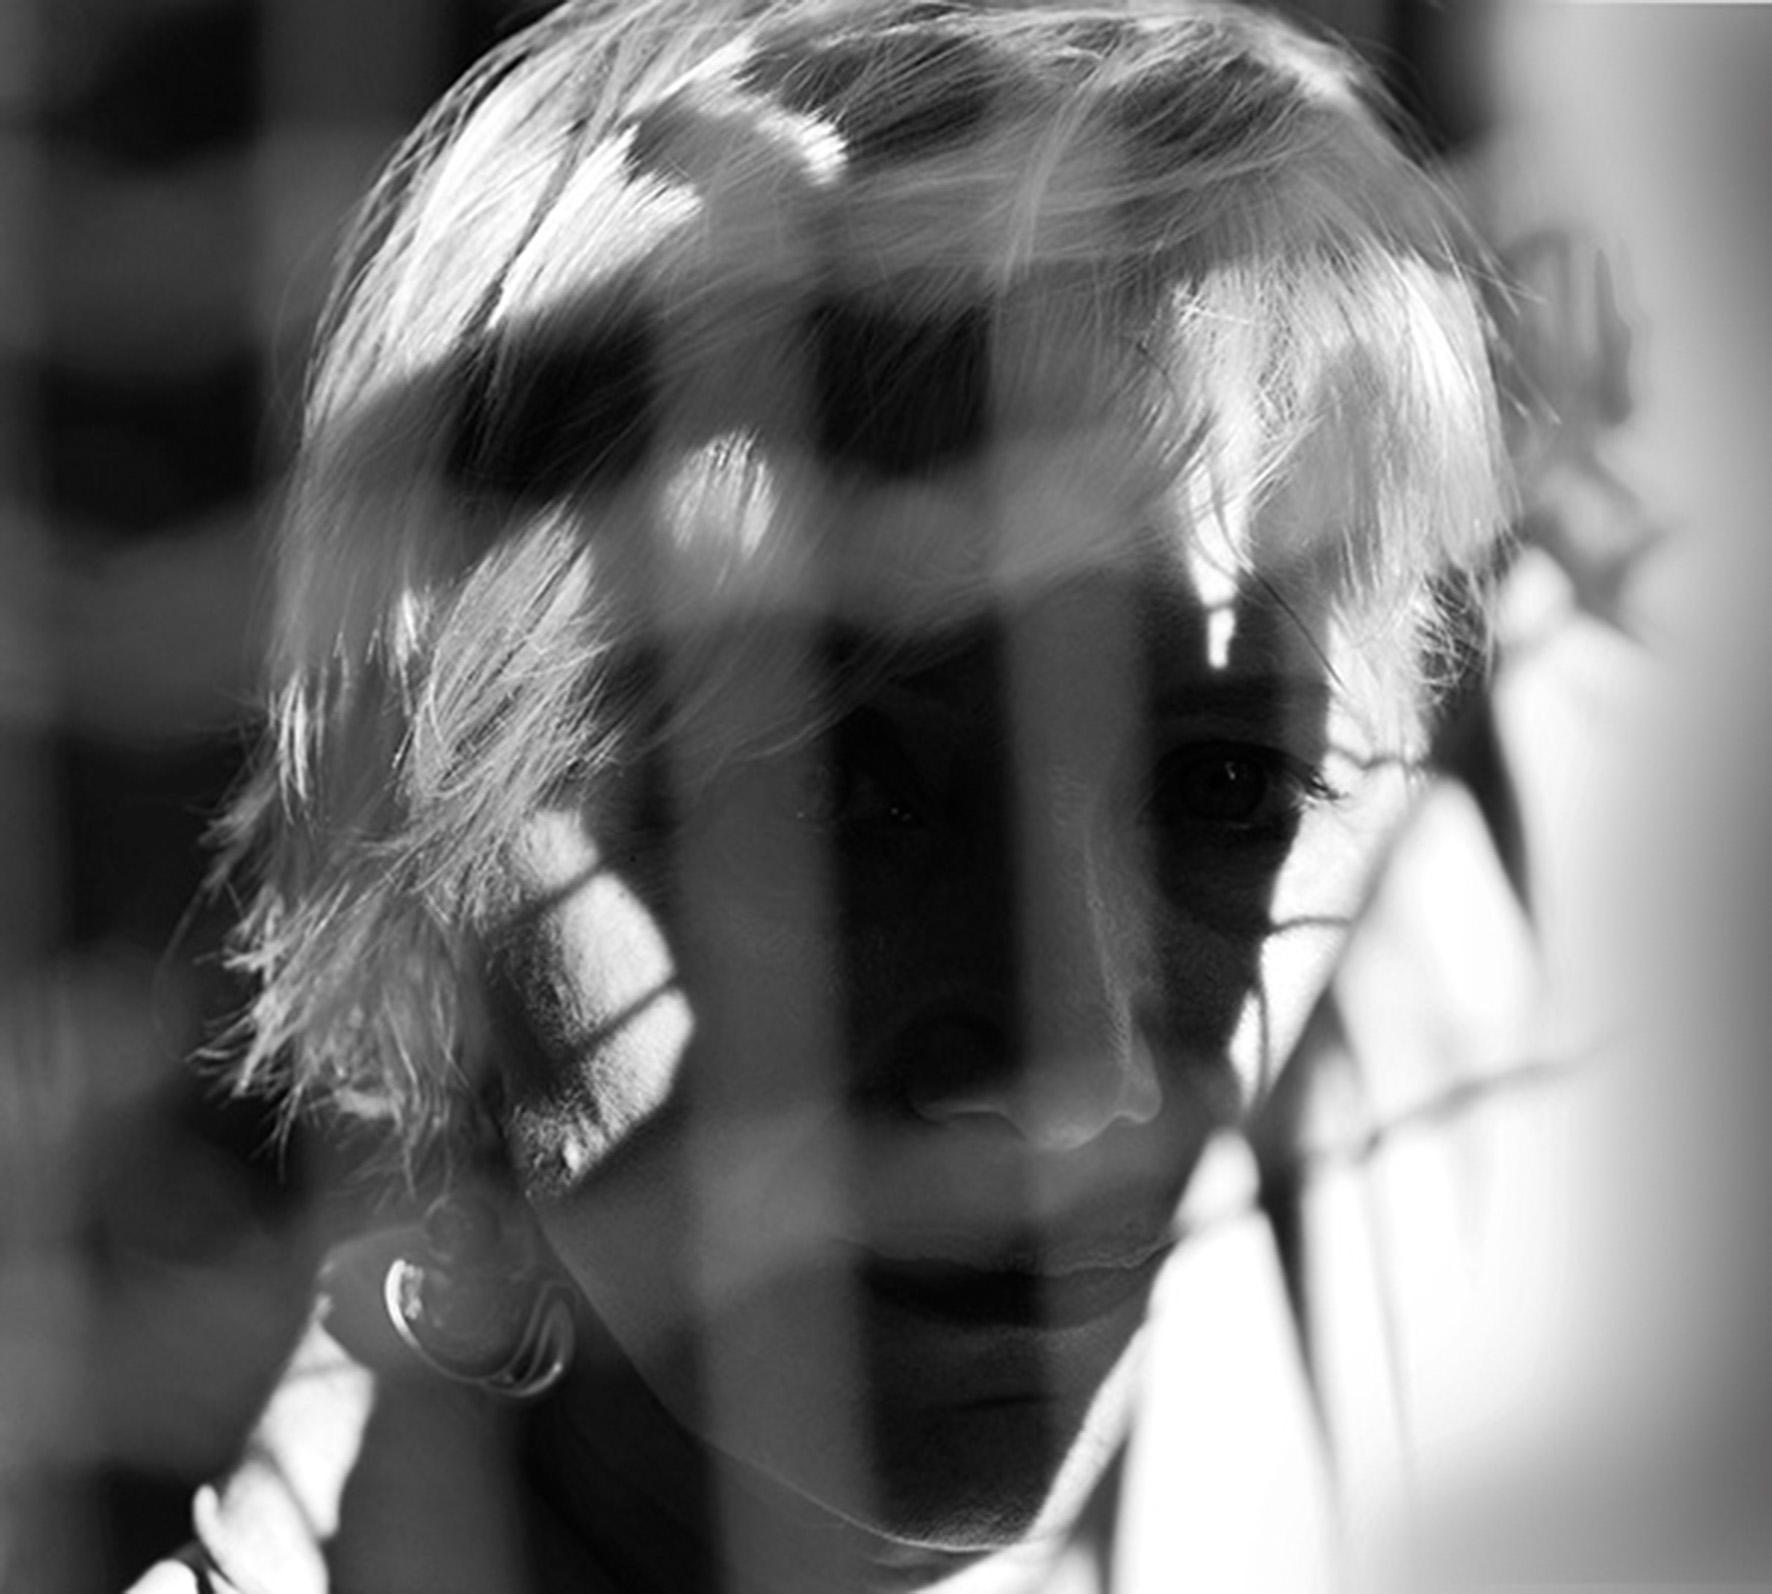 Luciano Pernaci, 'Attimo profondo', 2015, fotocolor, stampa digitale, 40x44 cm. © l'autore / Studio P. Mongelli